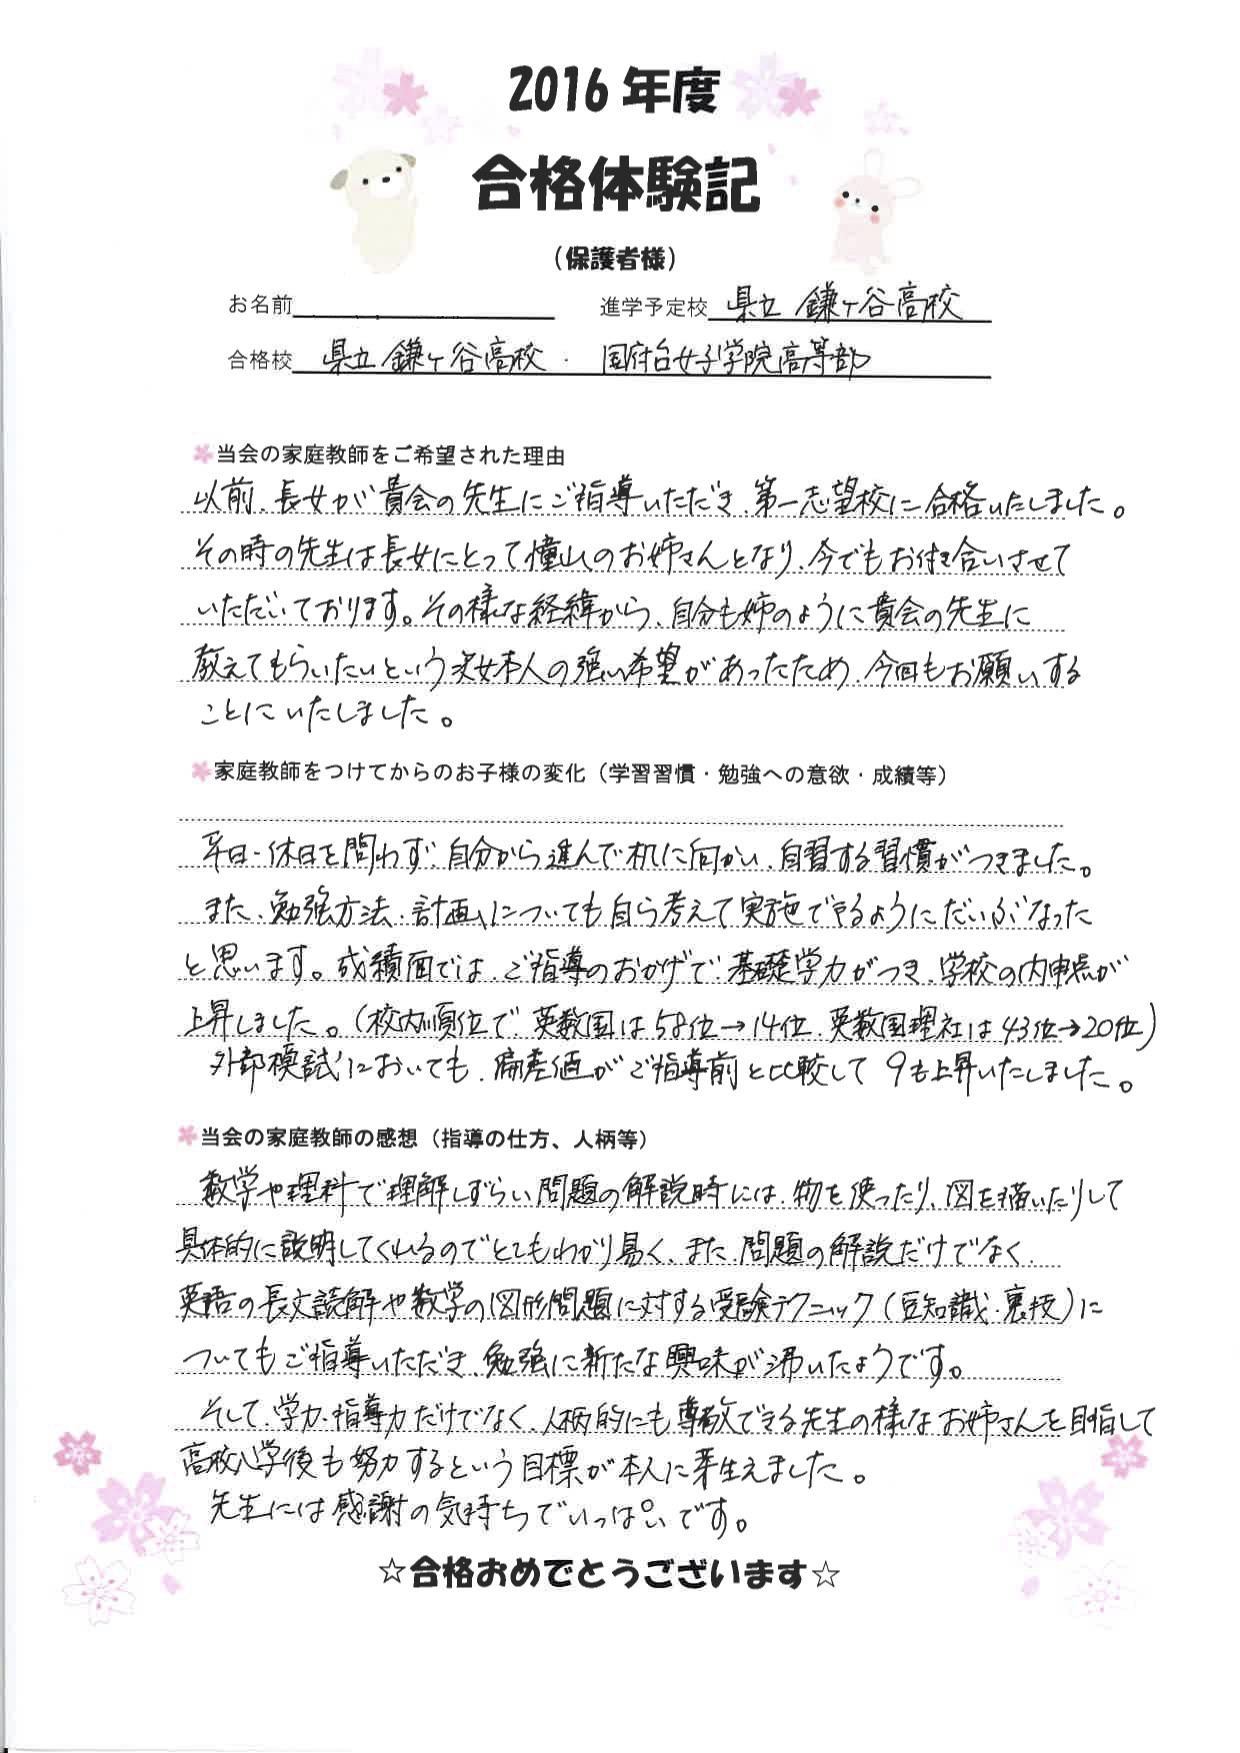 【加工済み】合格体験記13